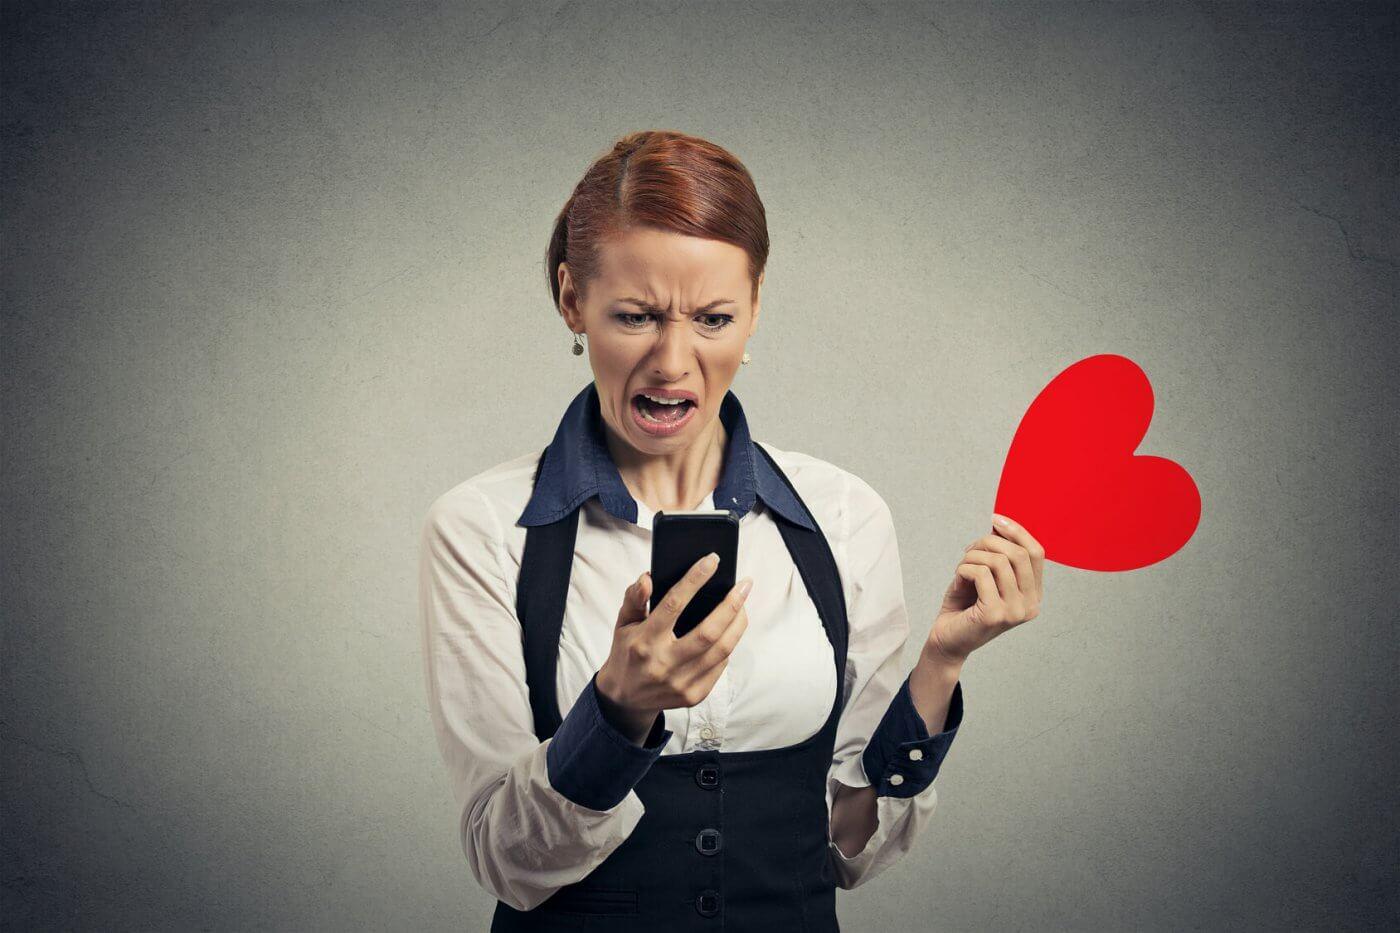 Flirt & Abenteuer Leutasch | Locanto Casual Dating Leutasch